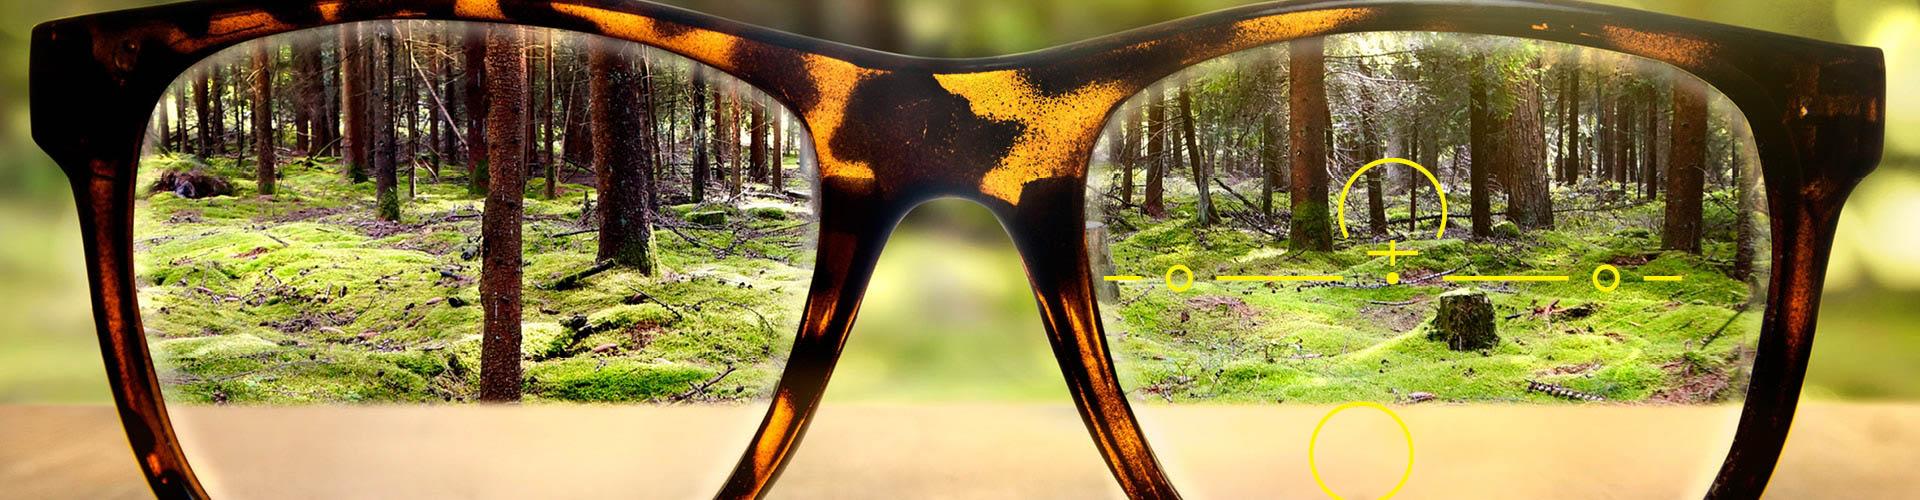 Optix Direct - kein Restreflex für schöne Augenblicke mit Ihren Brillengläsern